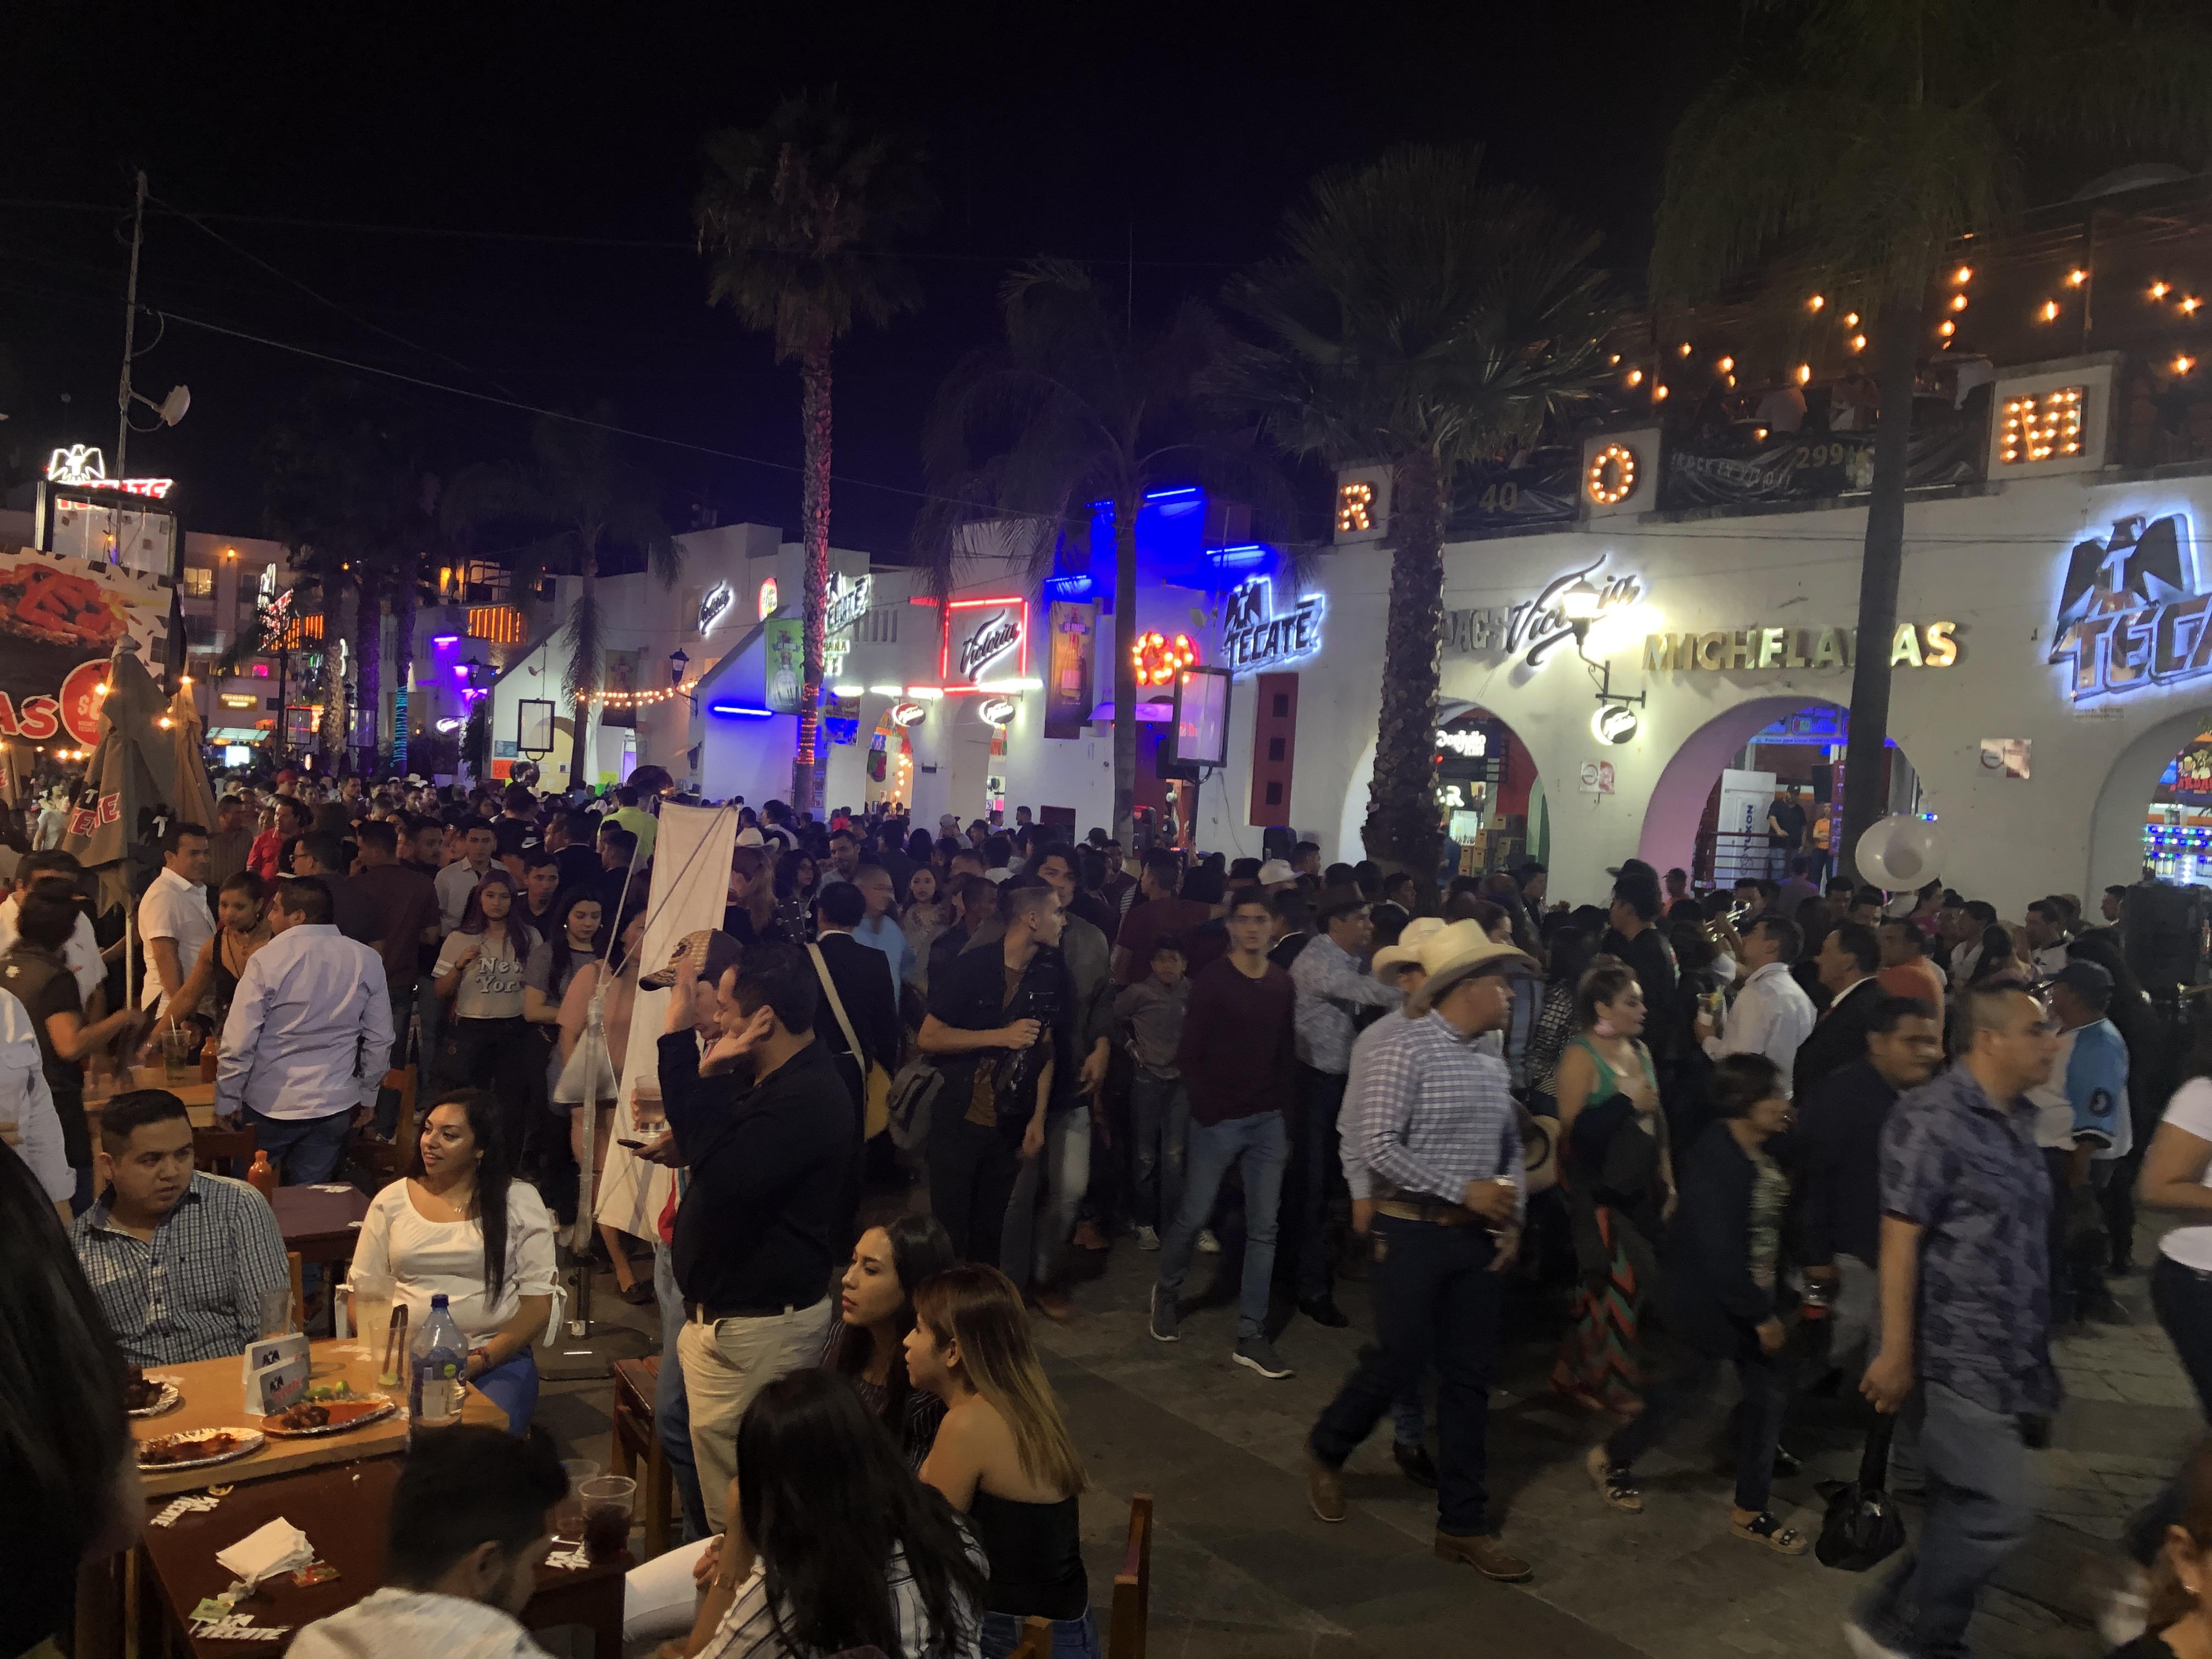 アグアスカリエンテス年1度のお祭り、サンマルコス祭!